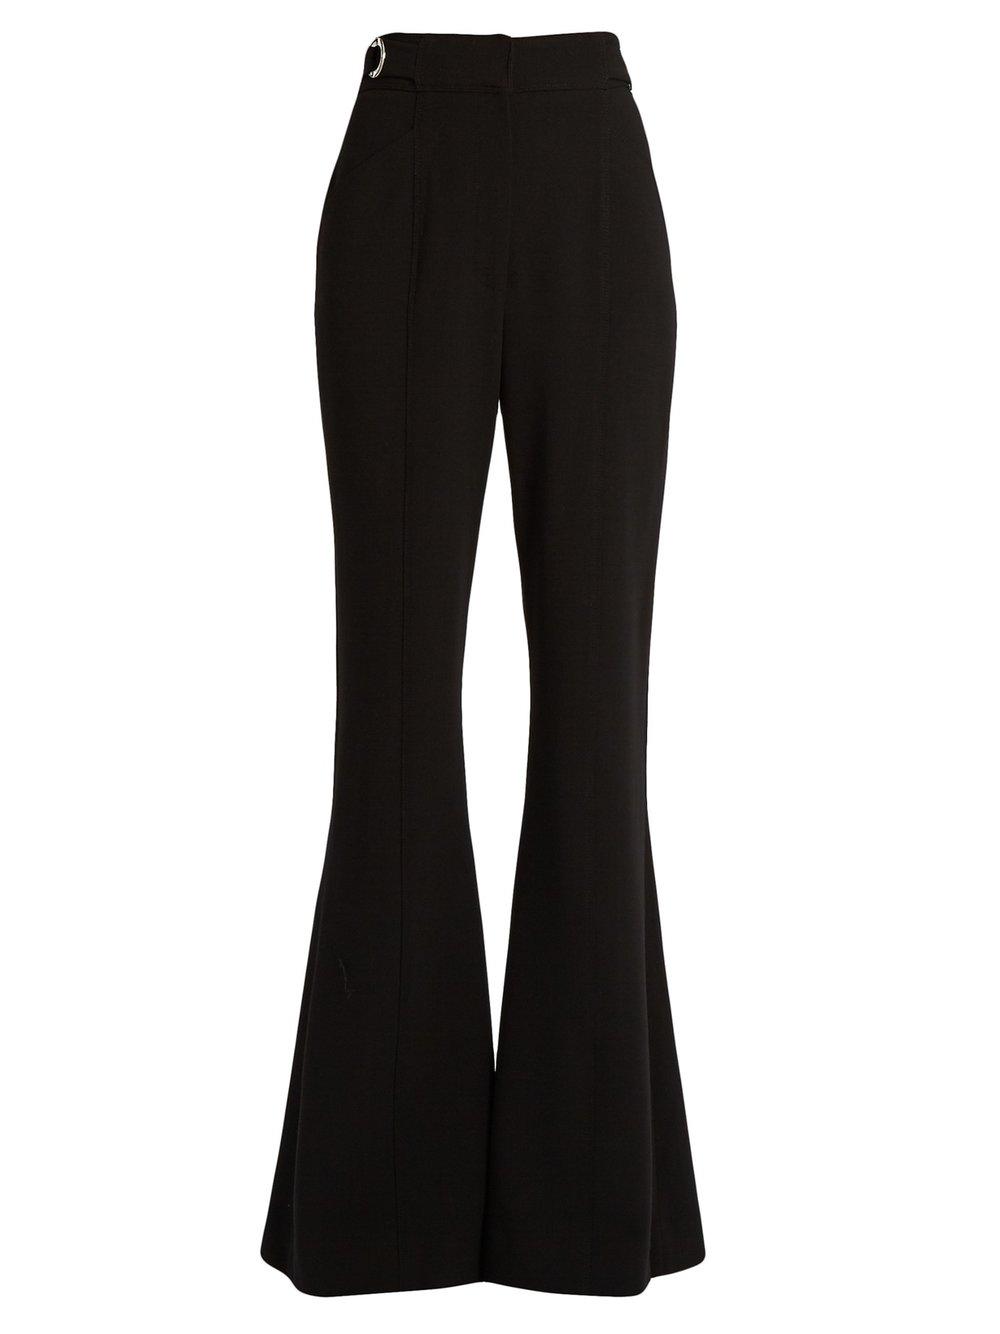 Proenza Schouler High-rise flared trousers $1,456